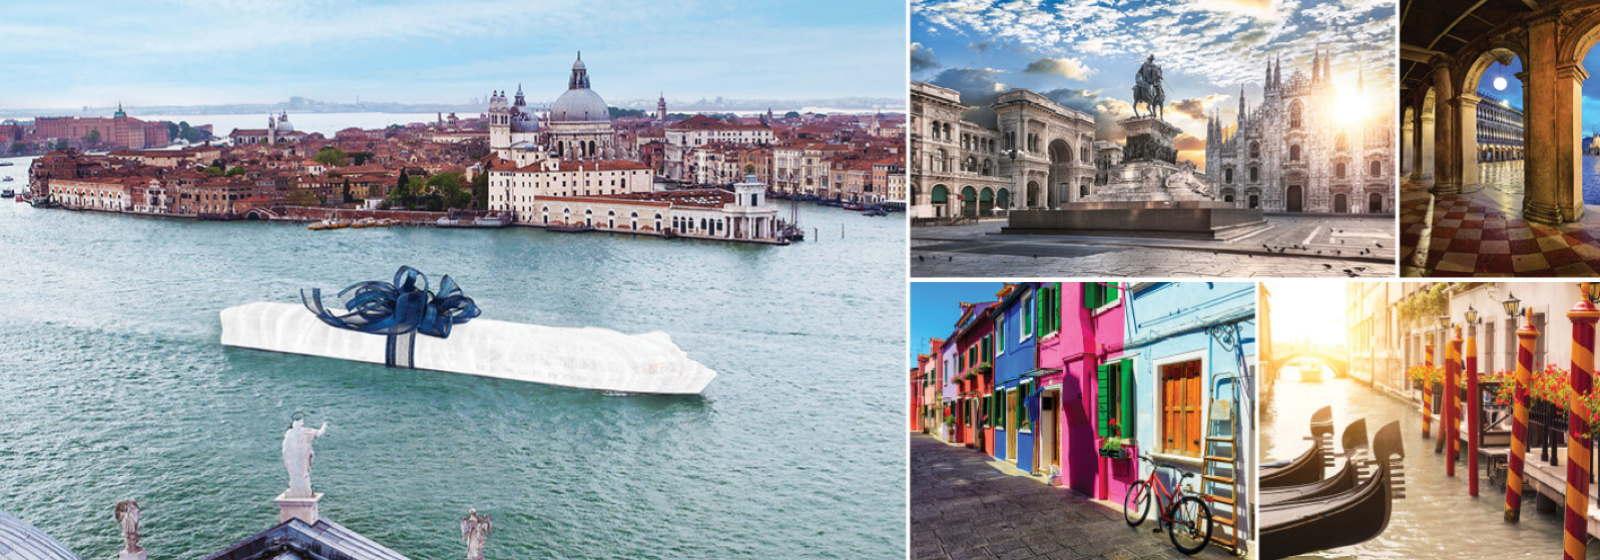 S.S. La Venezia